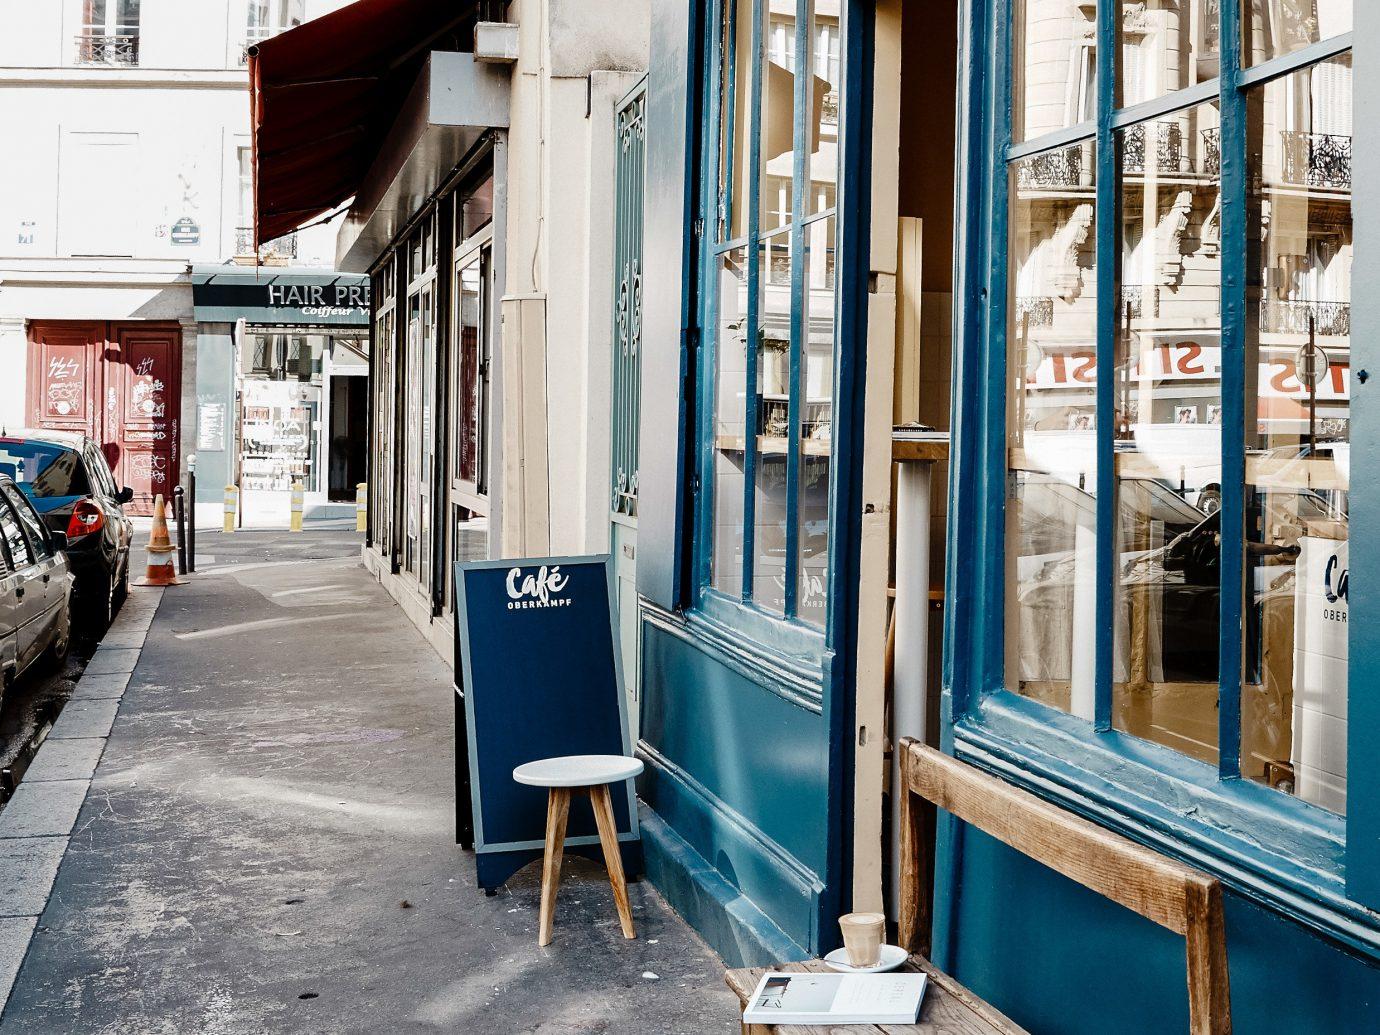 Food + Drink building outdoor Town urban area way street window neighbourhood City sidewalk road alley door facade house